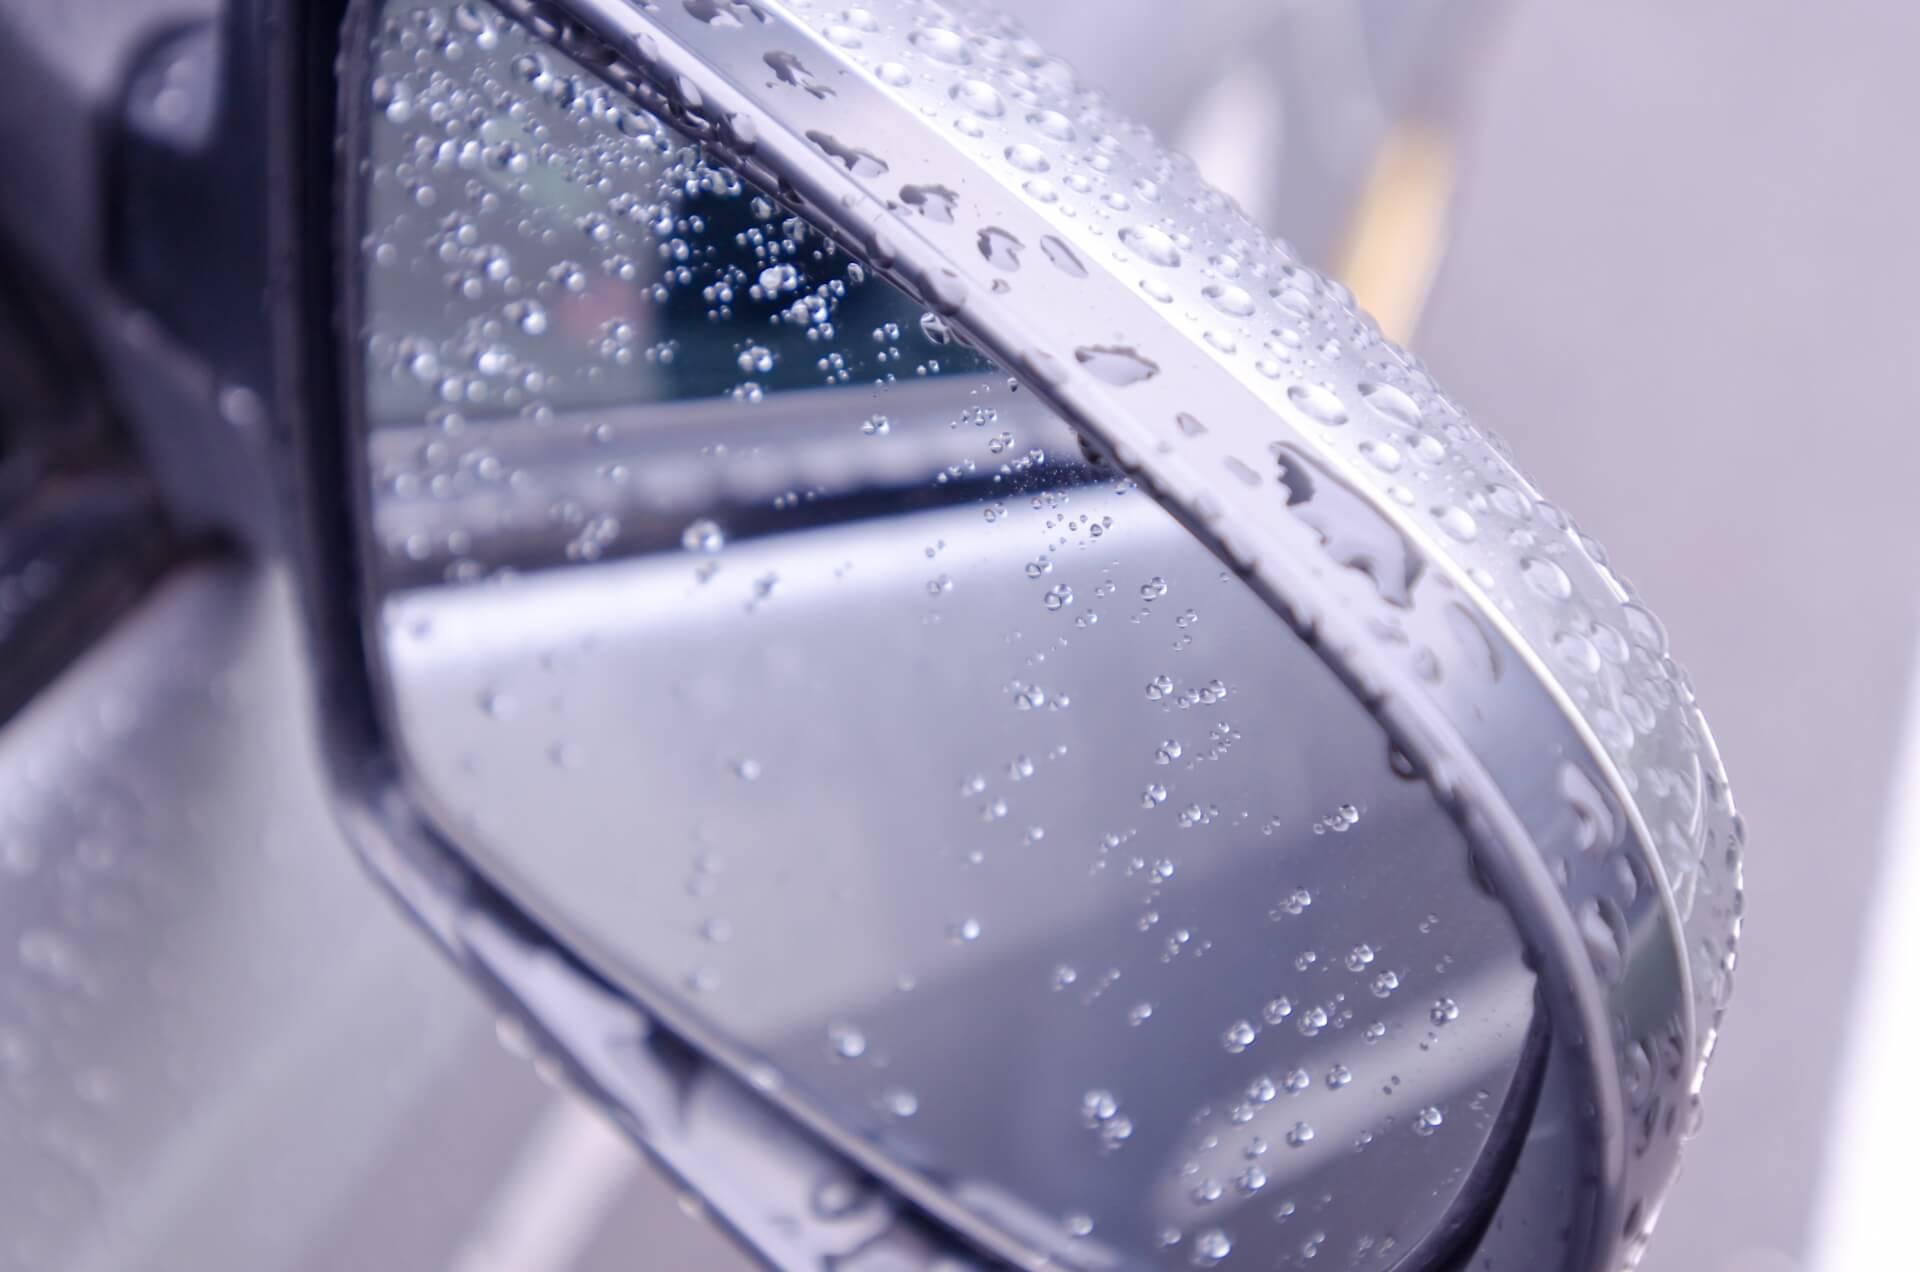 車についた雨の跡が消えない……車の雨染みの対処法と予防法